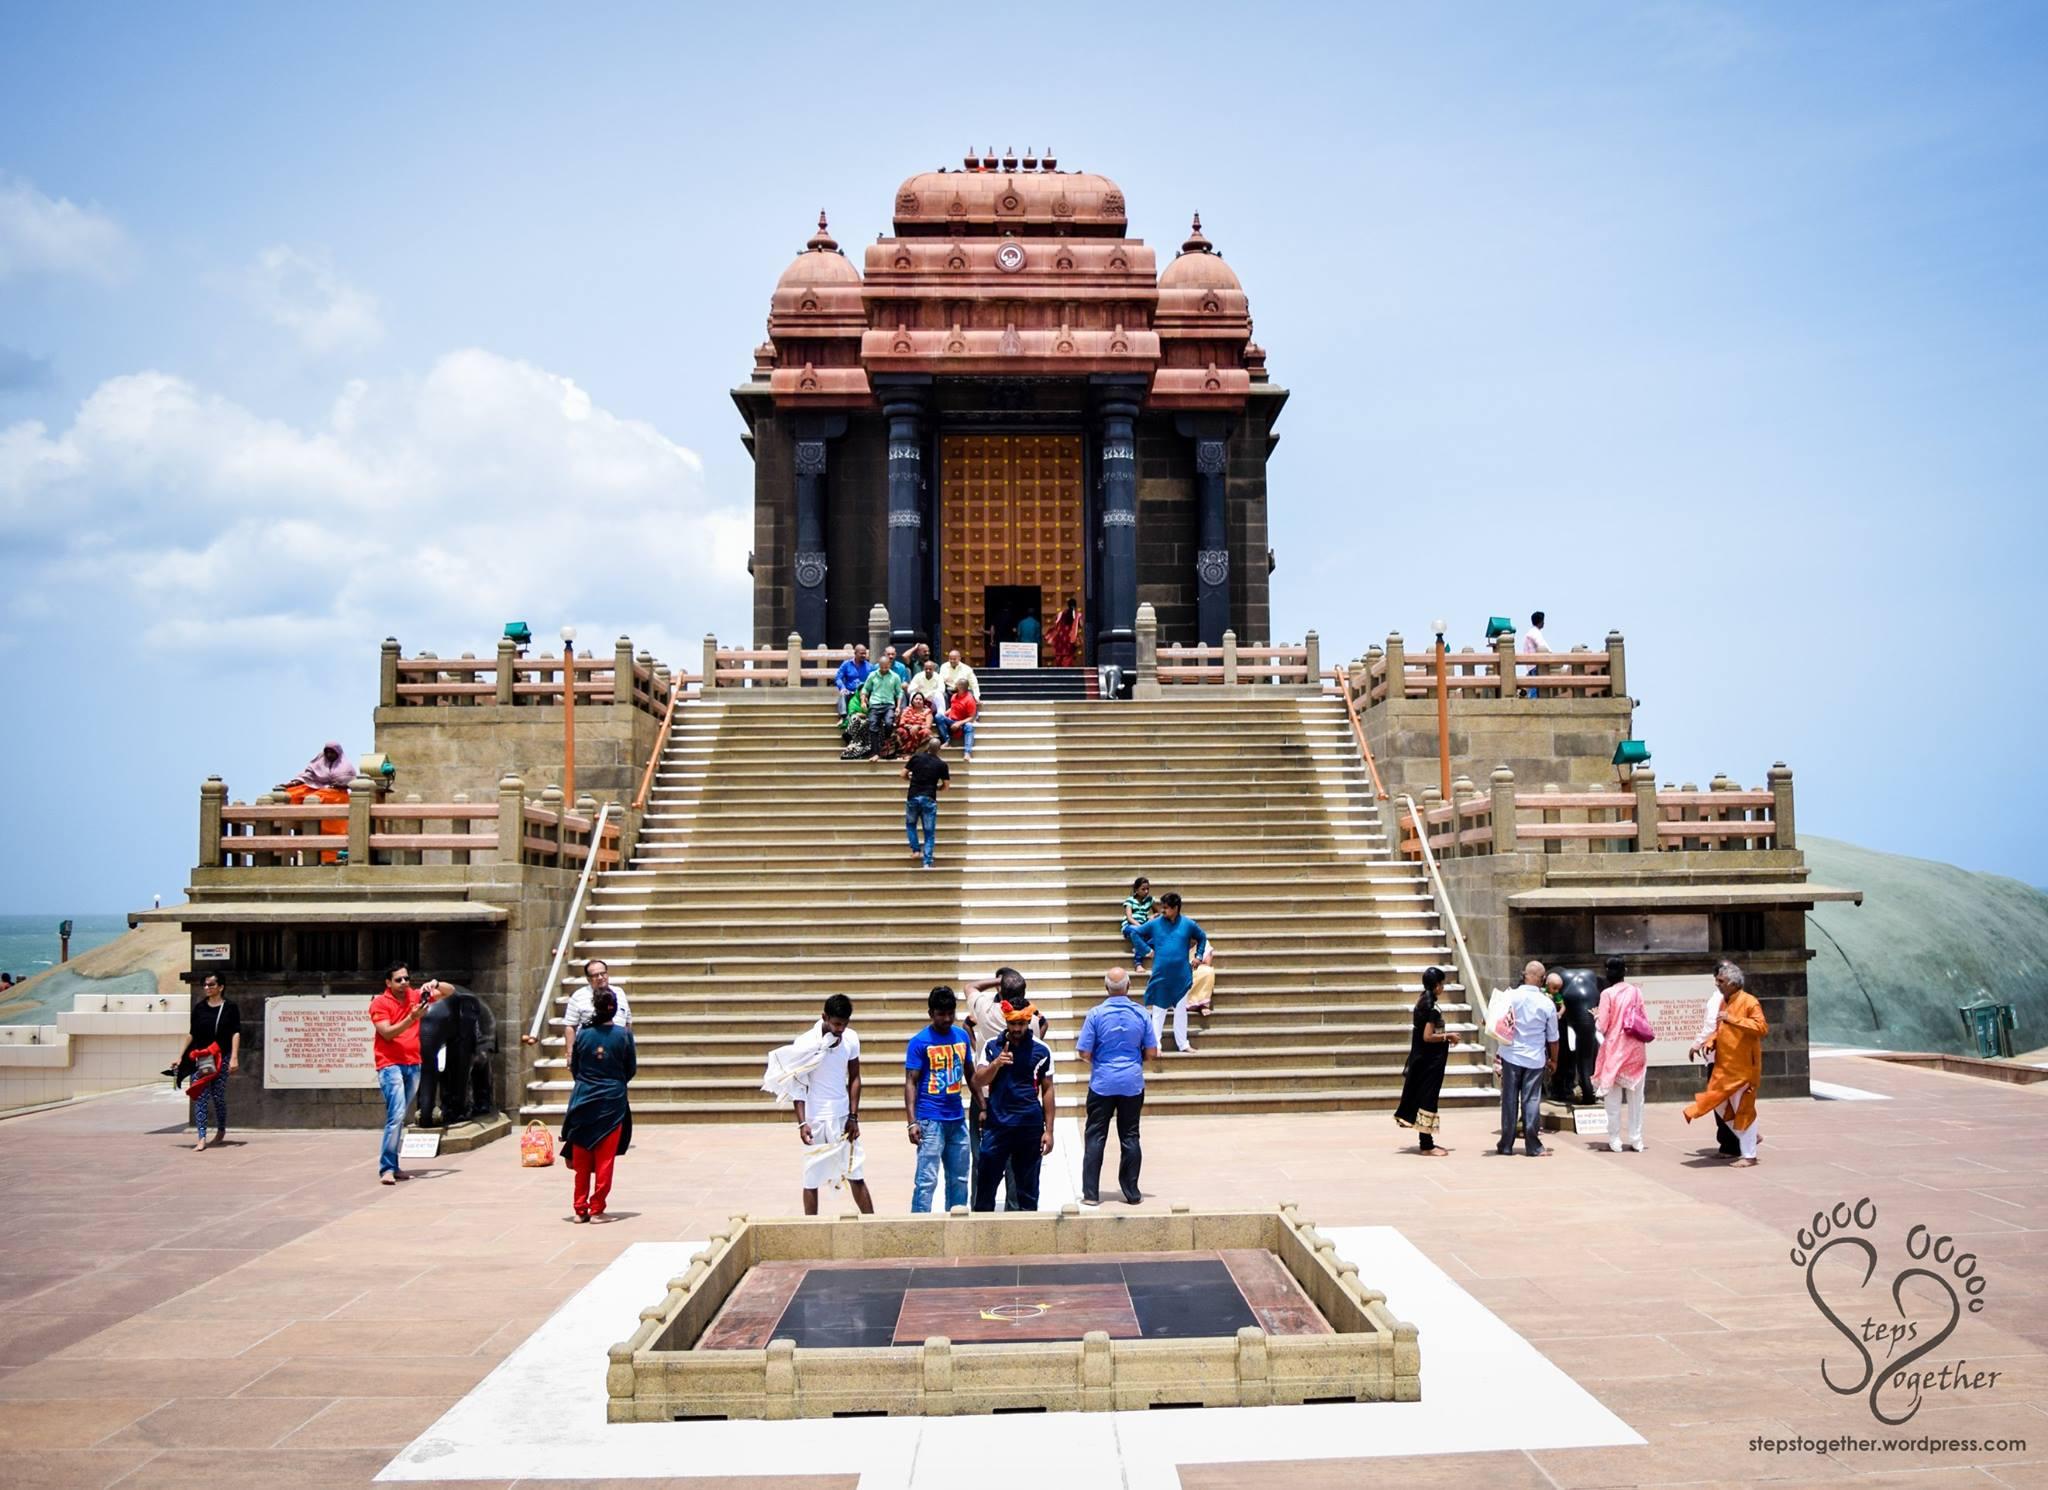 Vivekananda Rock Memorial